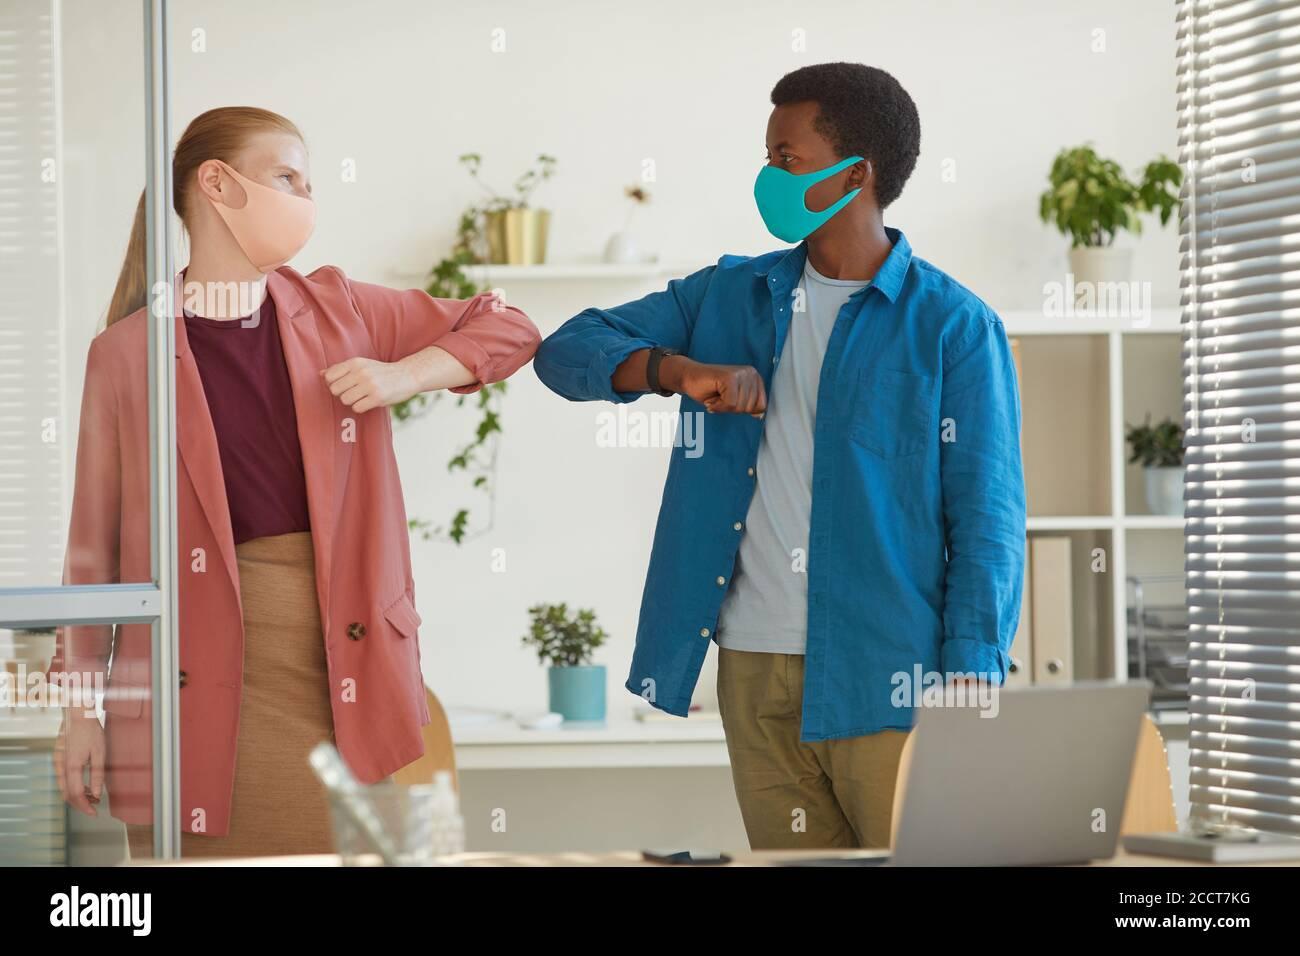 Retrato de una mujer joven con mascarilla golpeando los codos con afro-americana colega como saludo sin contacto mientras trabaja en la oficina post pandémica Foto de stock